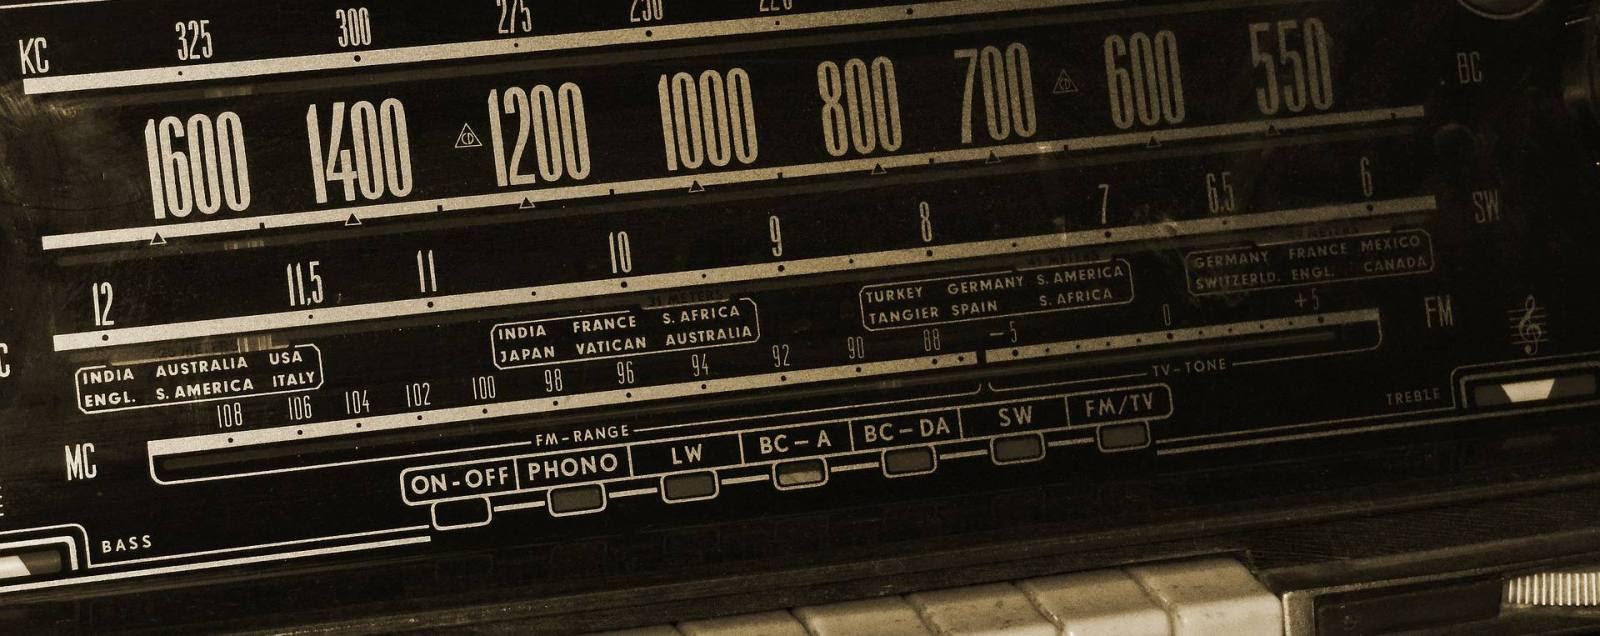 Radiosender Kostenlos Anhören